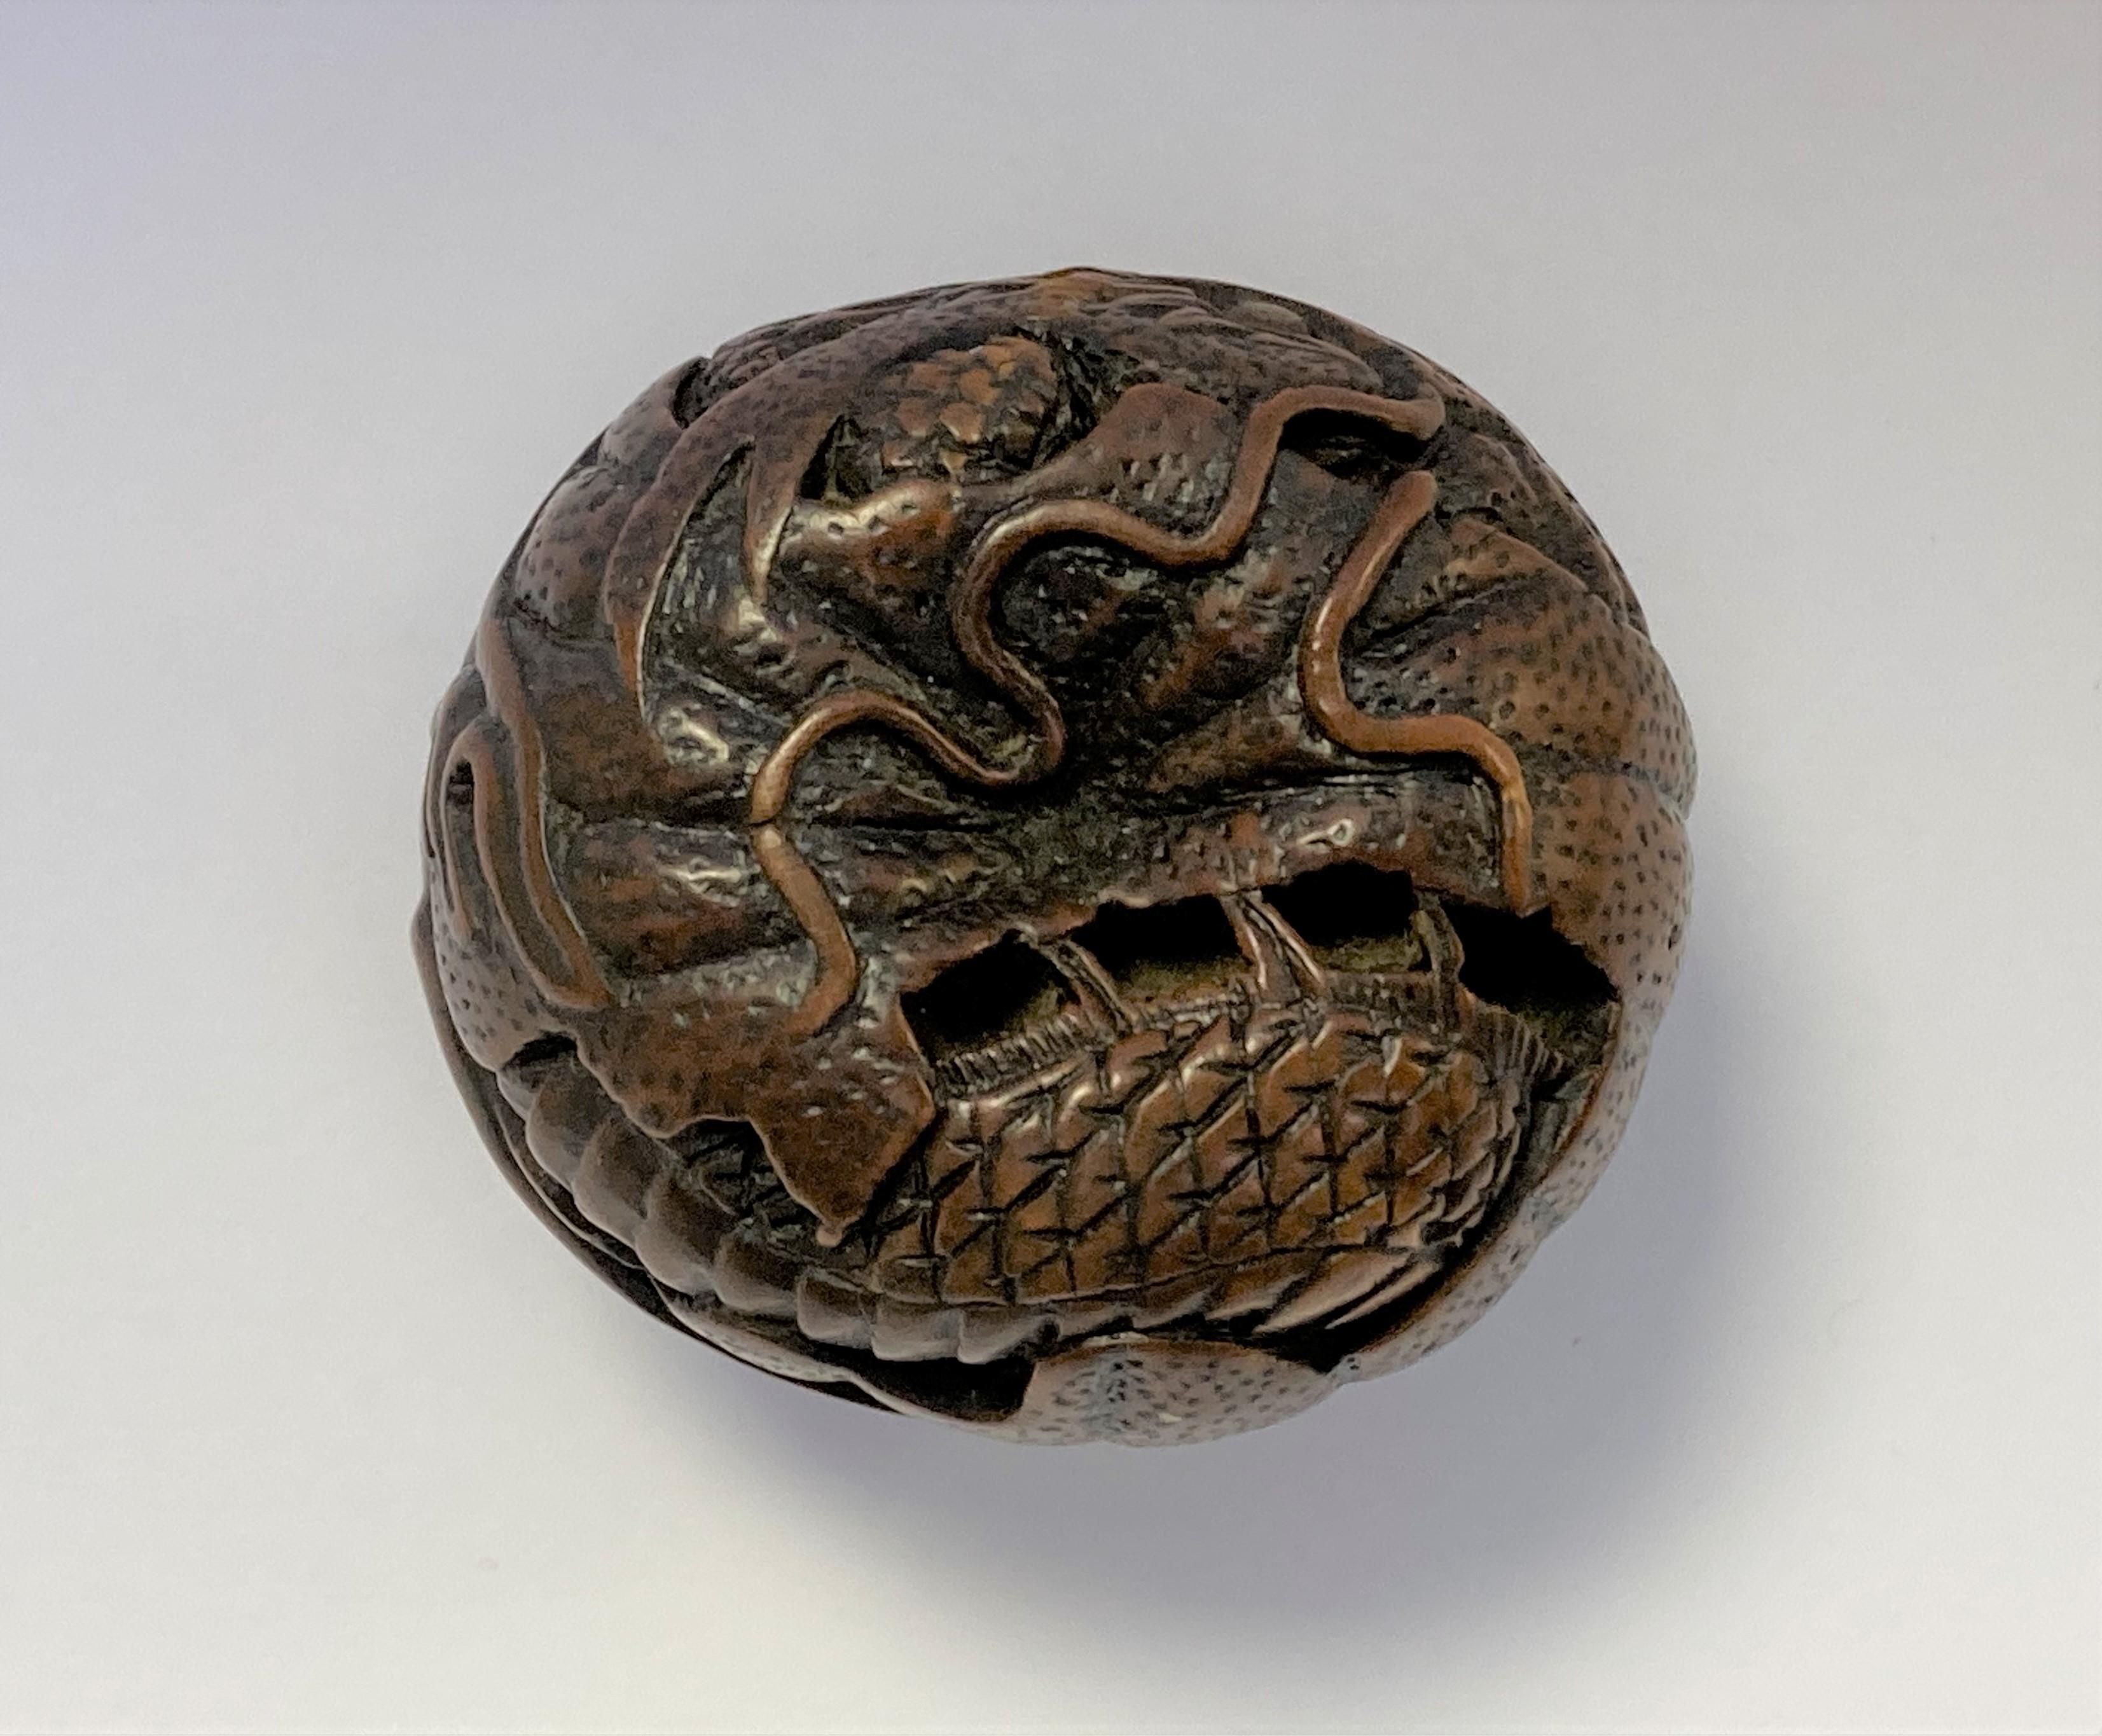 NETSUKE en buis figurant un dragon enroulé sur lui-même dans un mikan, son oeil visible incrusté - Image 4 of 4